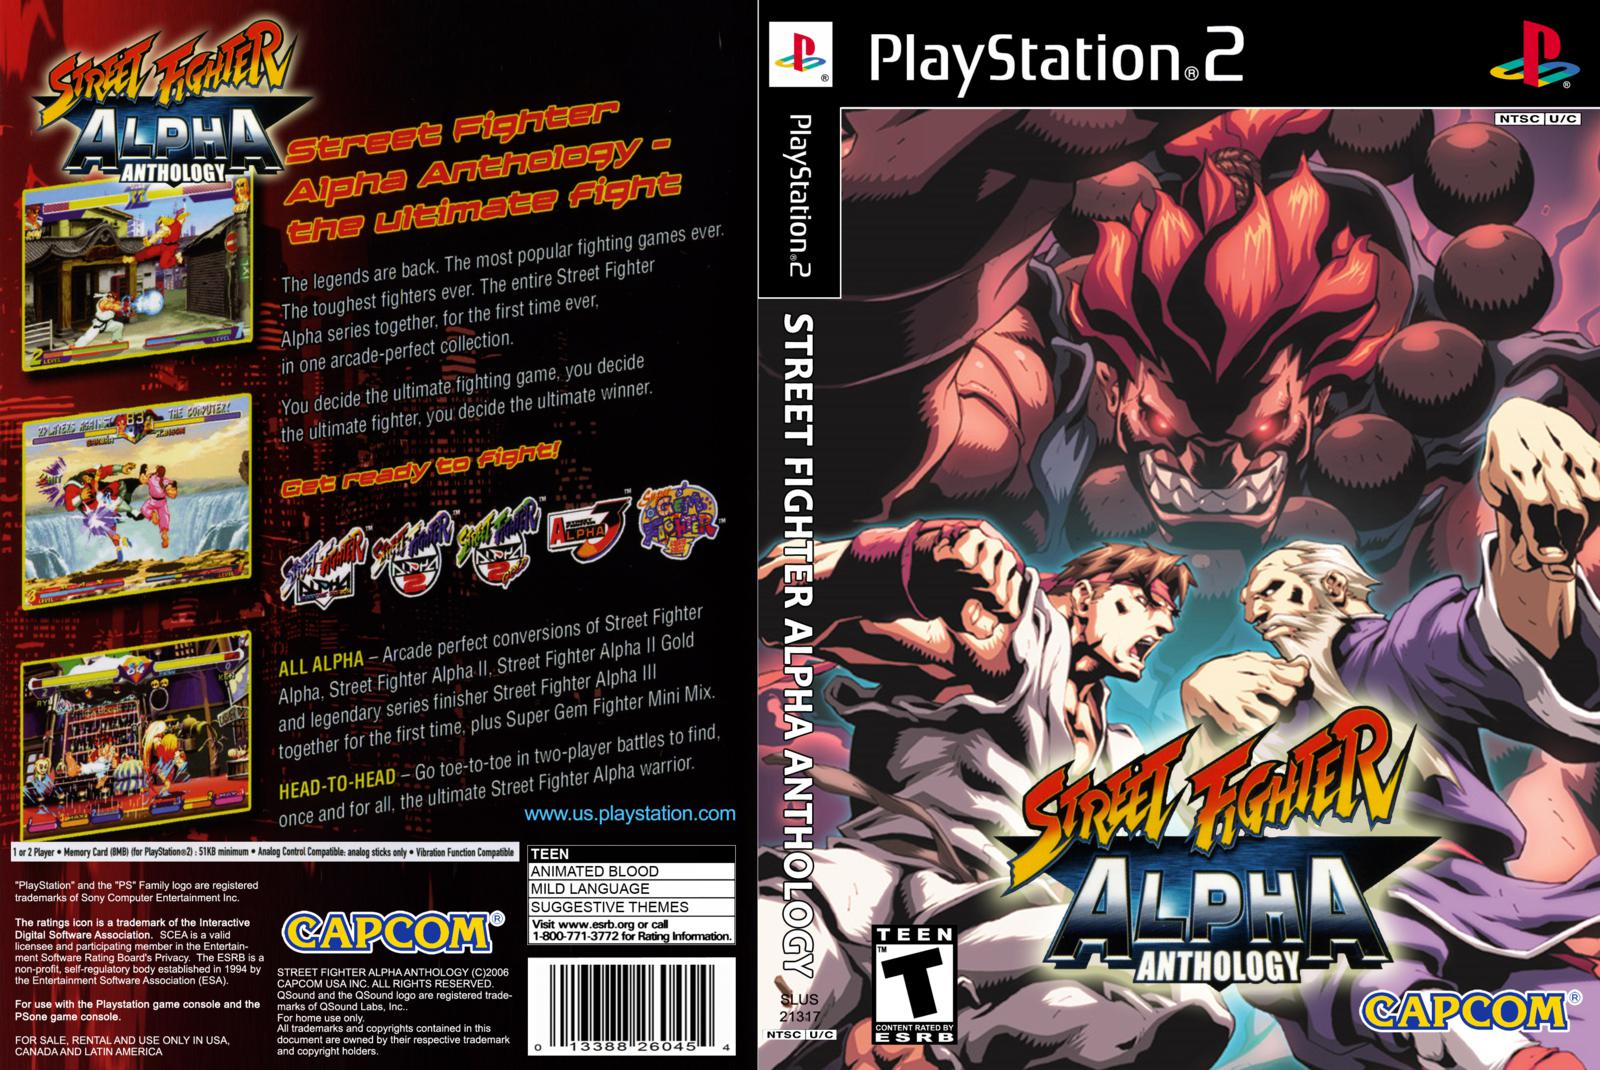 Street Fighter Alpha Anthology Game